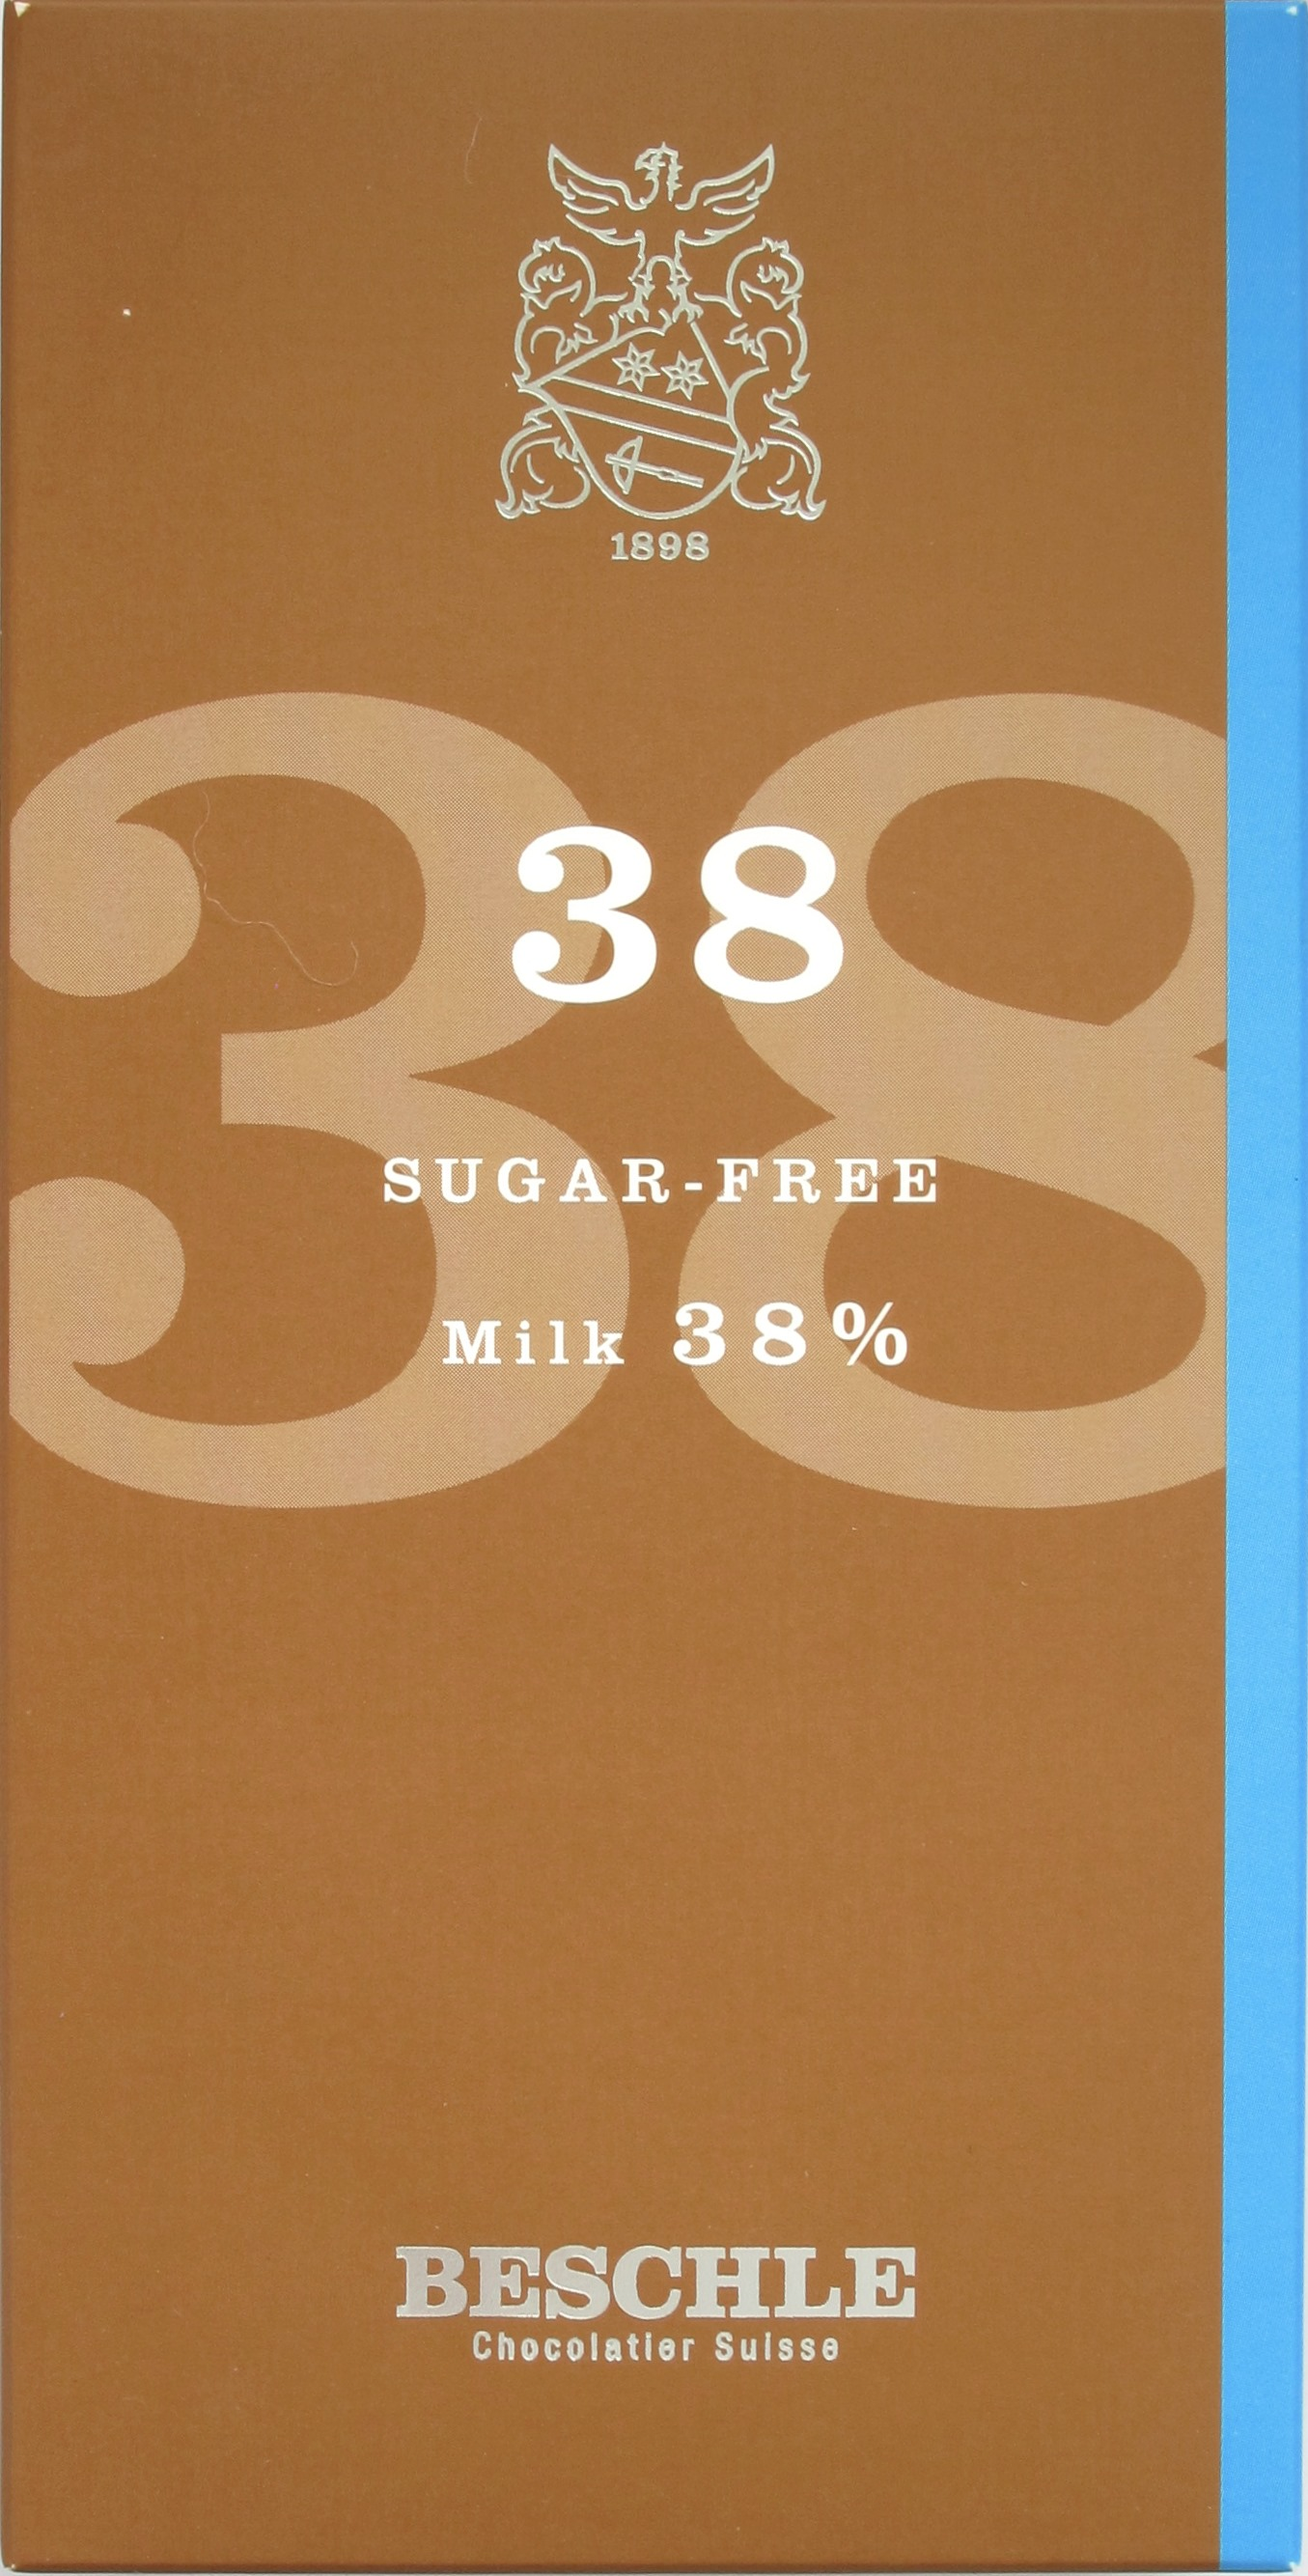 Beschle-Schokolade 38% Milch Zuckerfrei